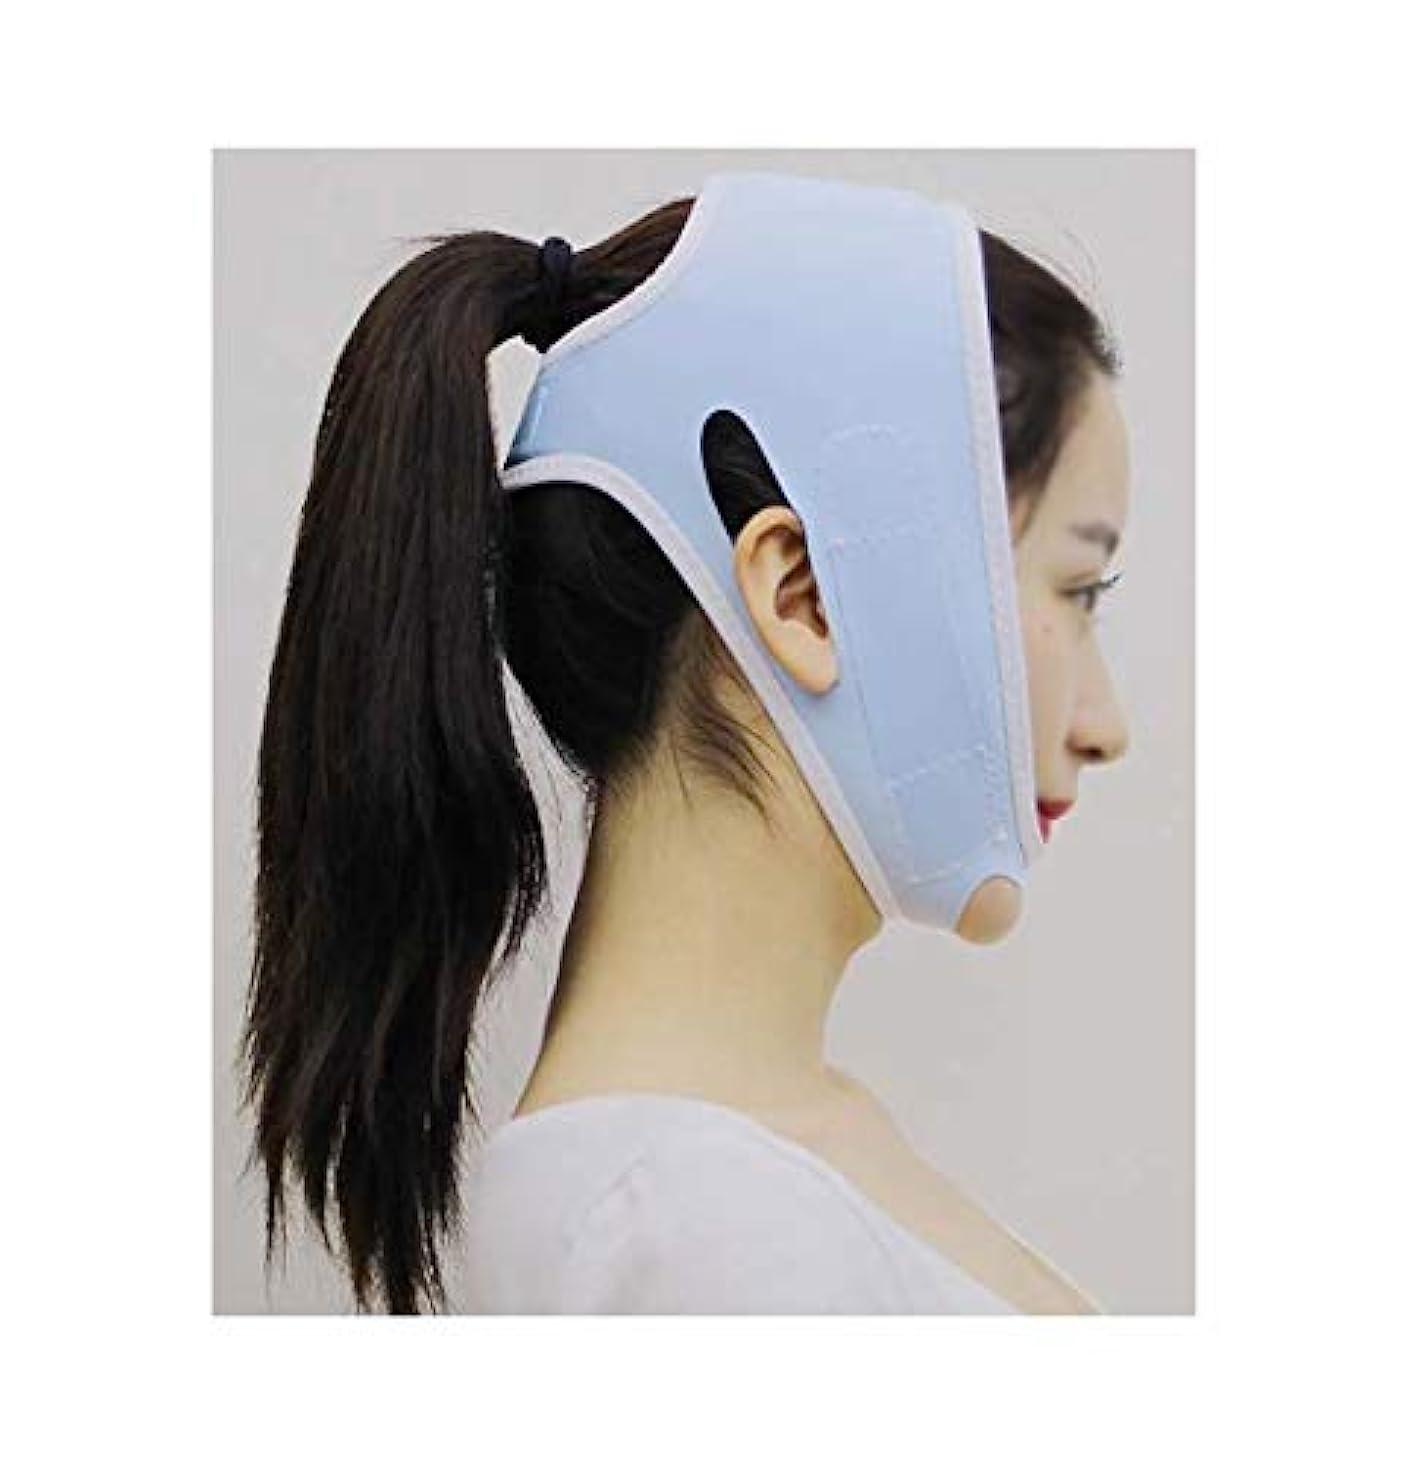 タンク広告する同種のTLMY 包帯ヘッドギアマスクの顔Vの顔の薄い顔のアーティファクトプラスチック美容ゴムバンドフェイスリフトネックリフト後薄い顔マスクあごベルトの回復 顔用整形マスク (Color : Blue)